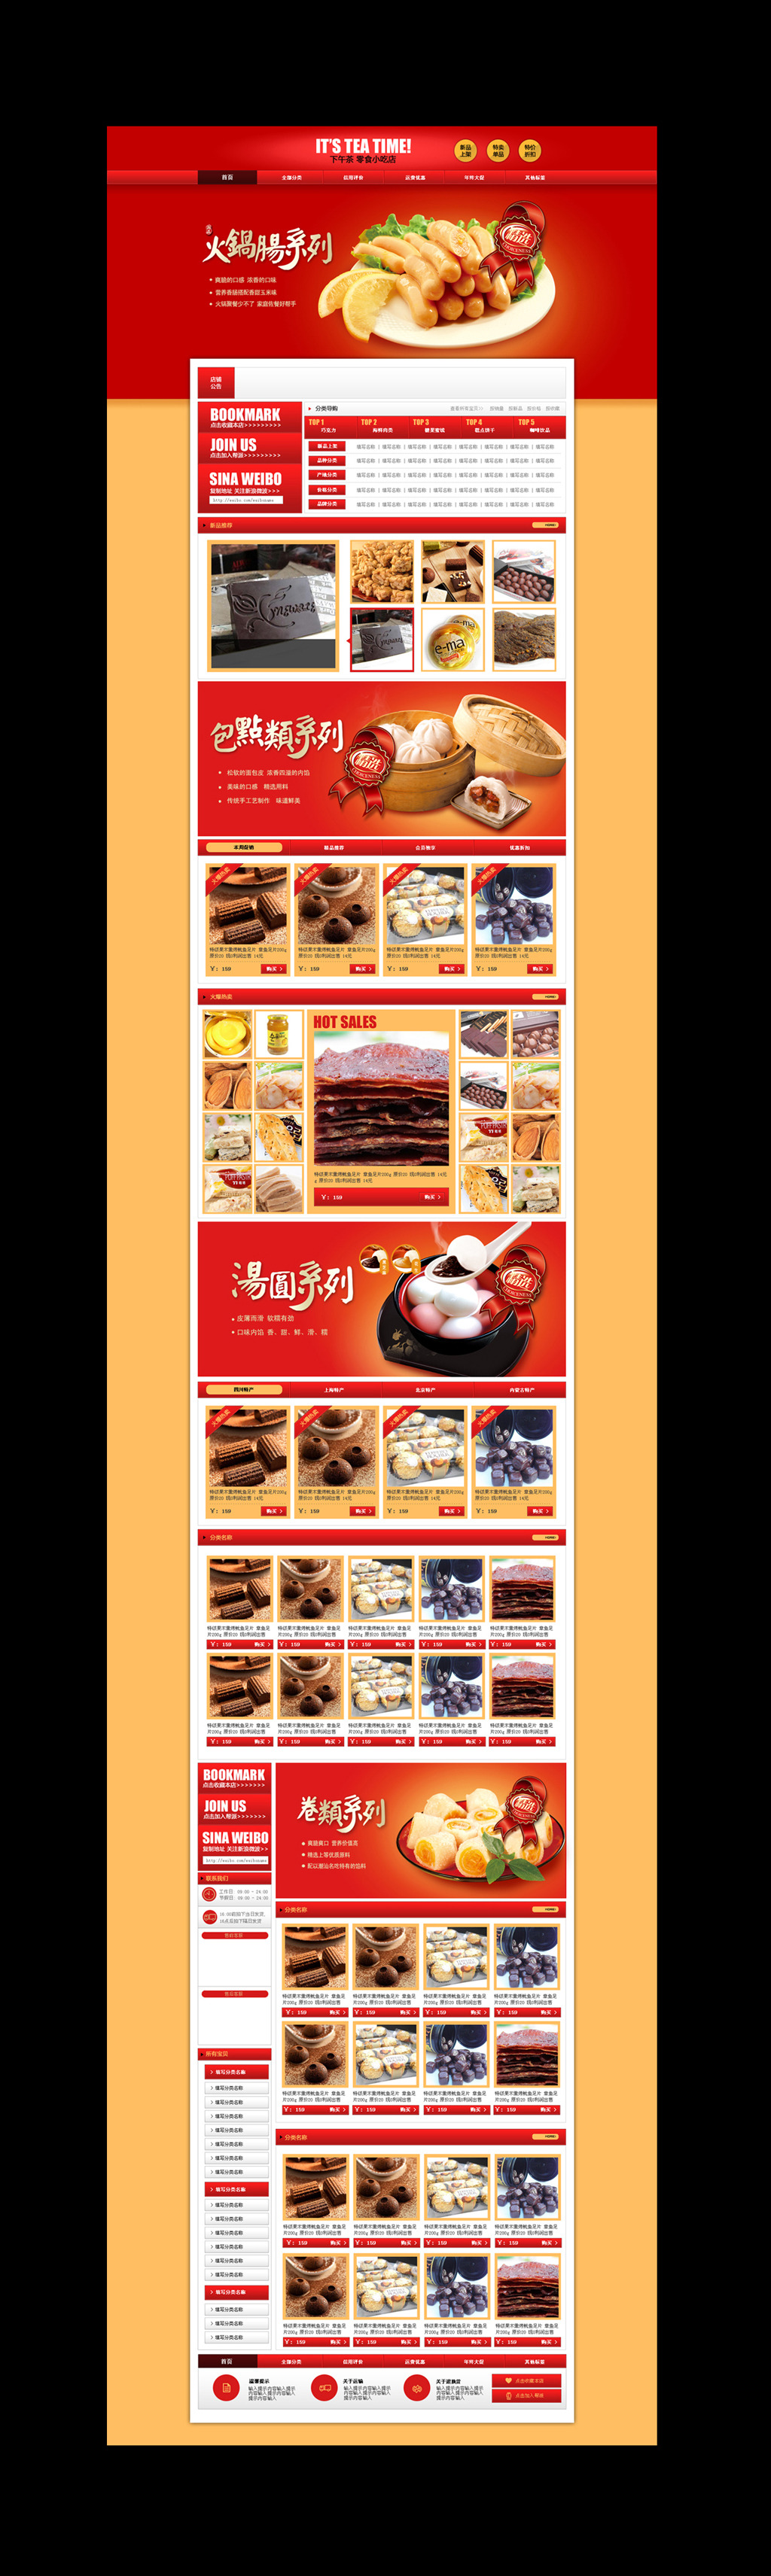 平面设计 网页设计模板 企业网站模板 > 淘宝天猫零食小吃店首页装修